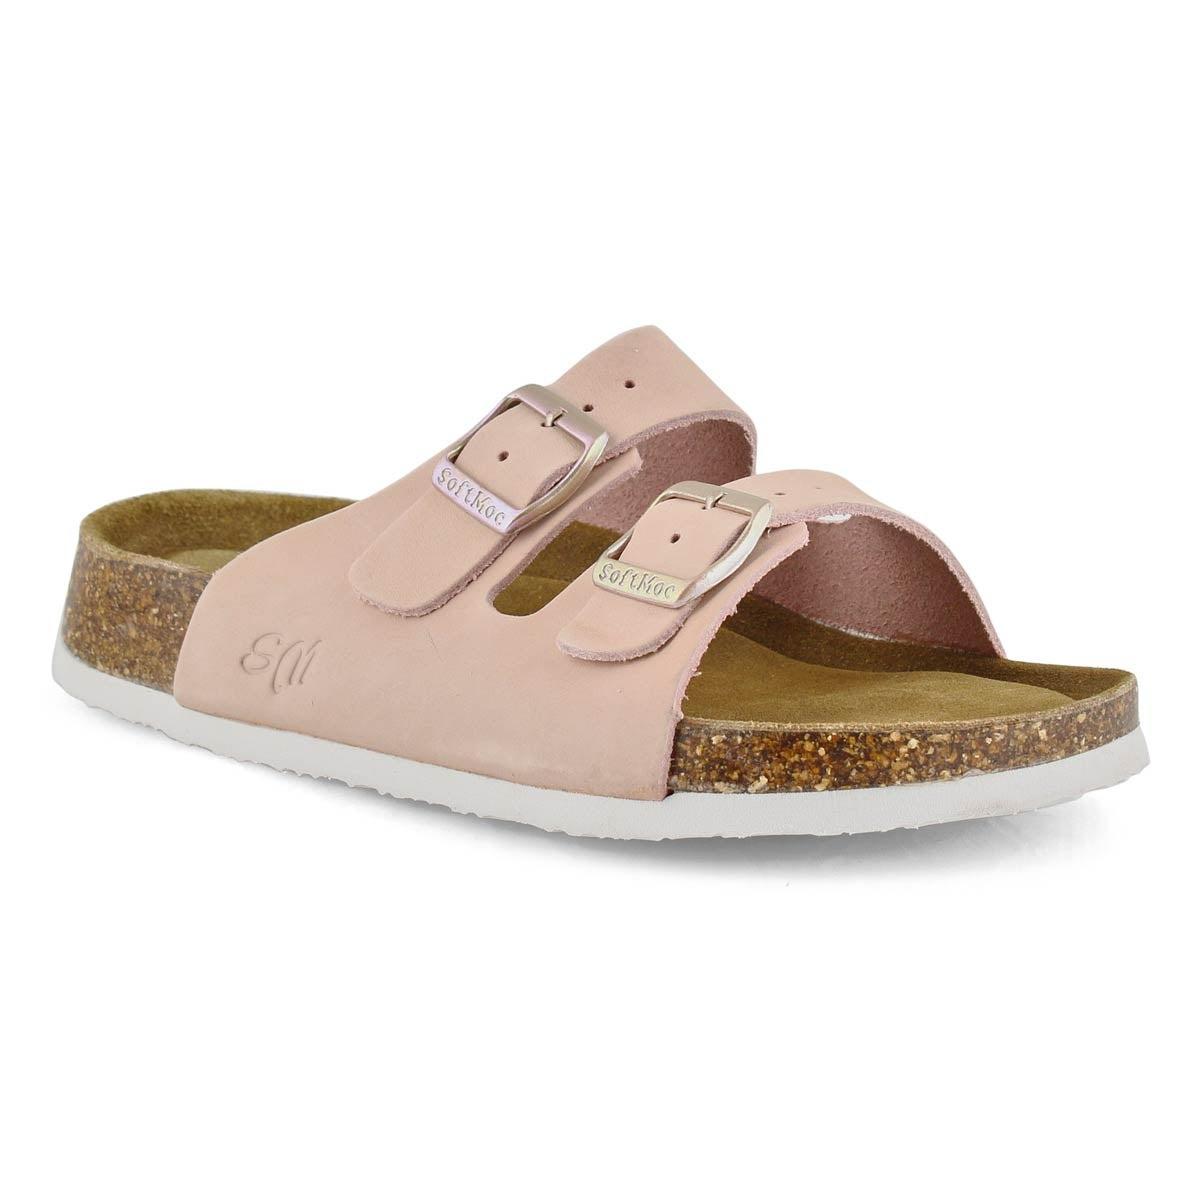 Lds Anna 5 mil pnk mem foam slide sandal